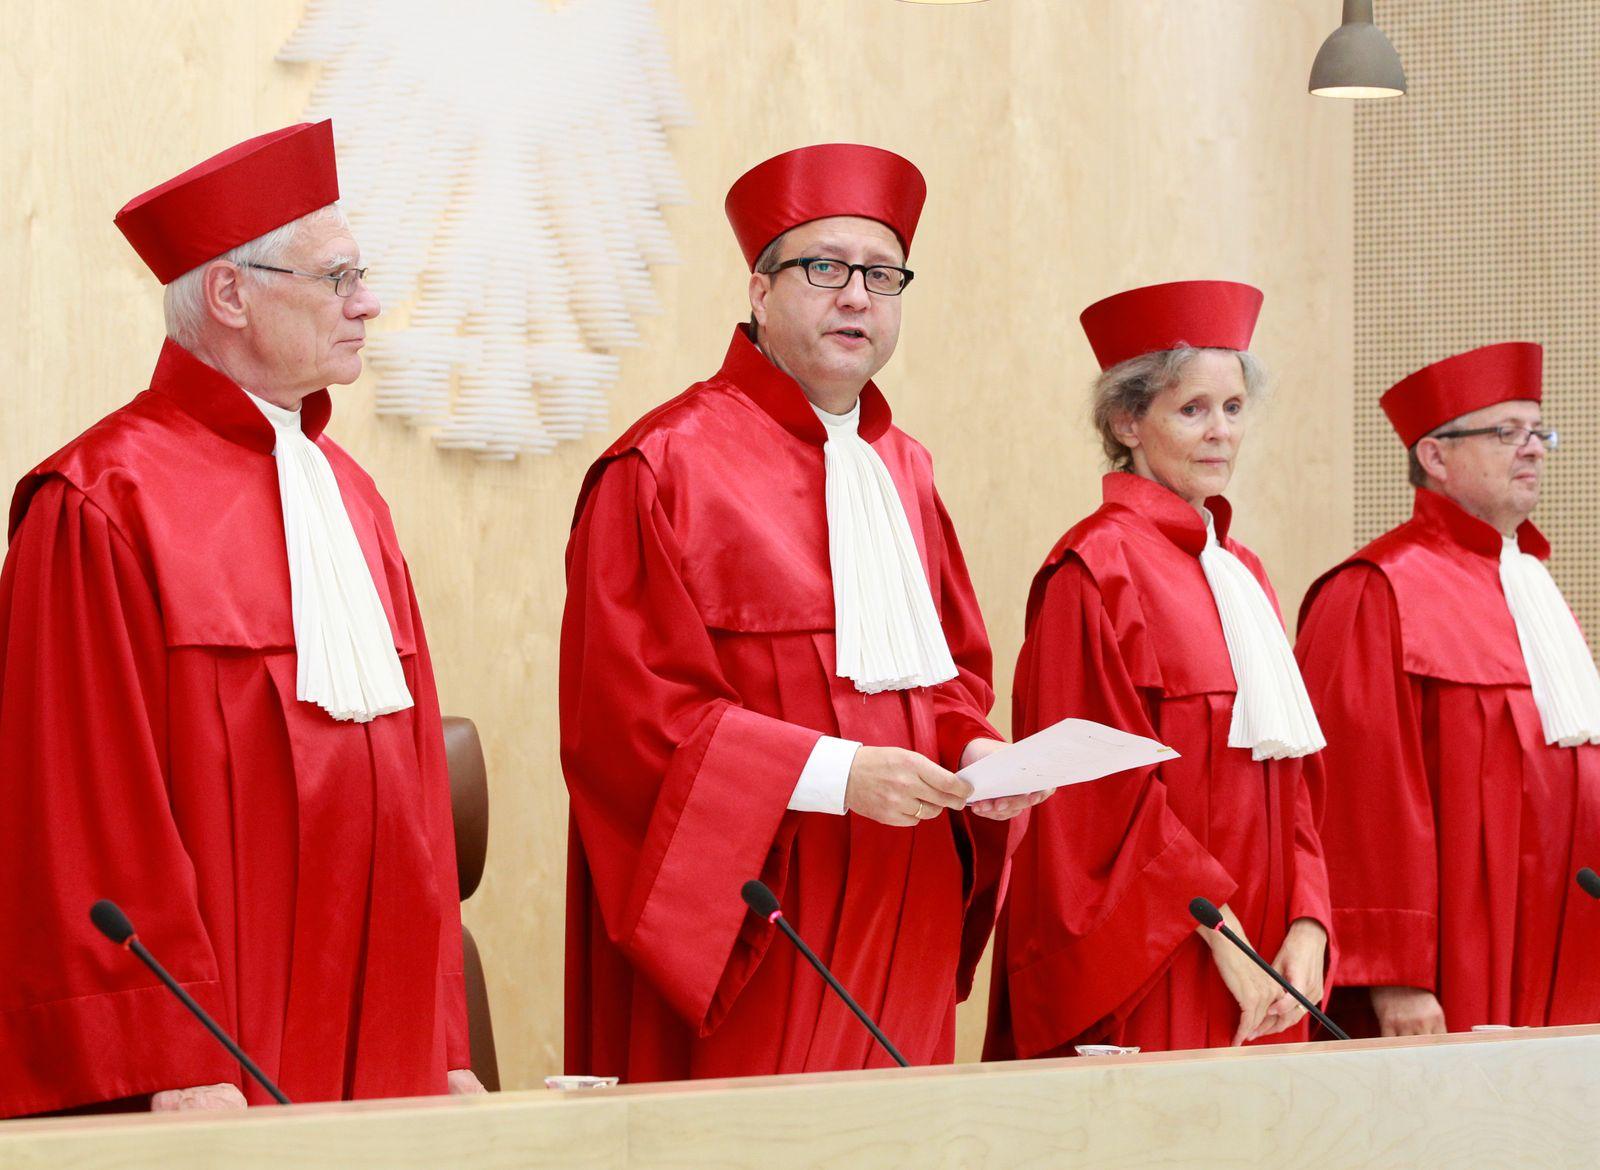 NICHT VERWENDEN Bundesverfassungsgericht / Urteil zum Wahlrecht